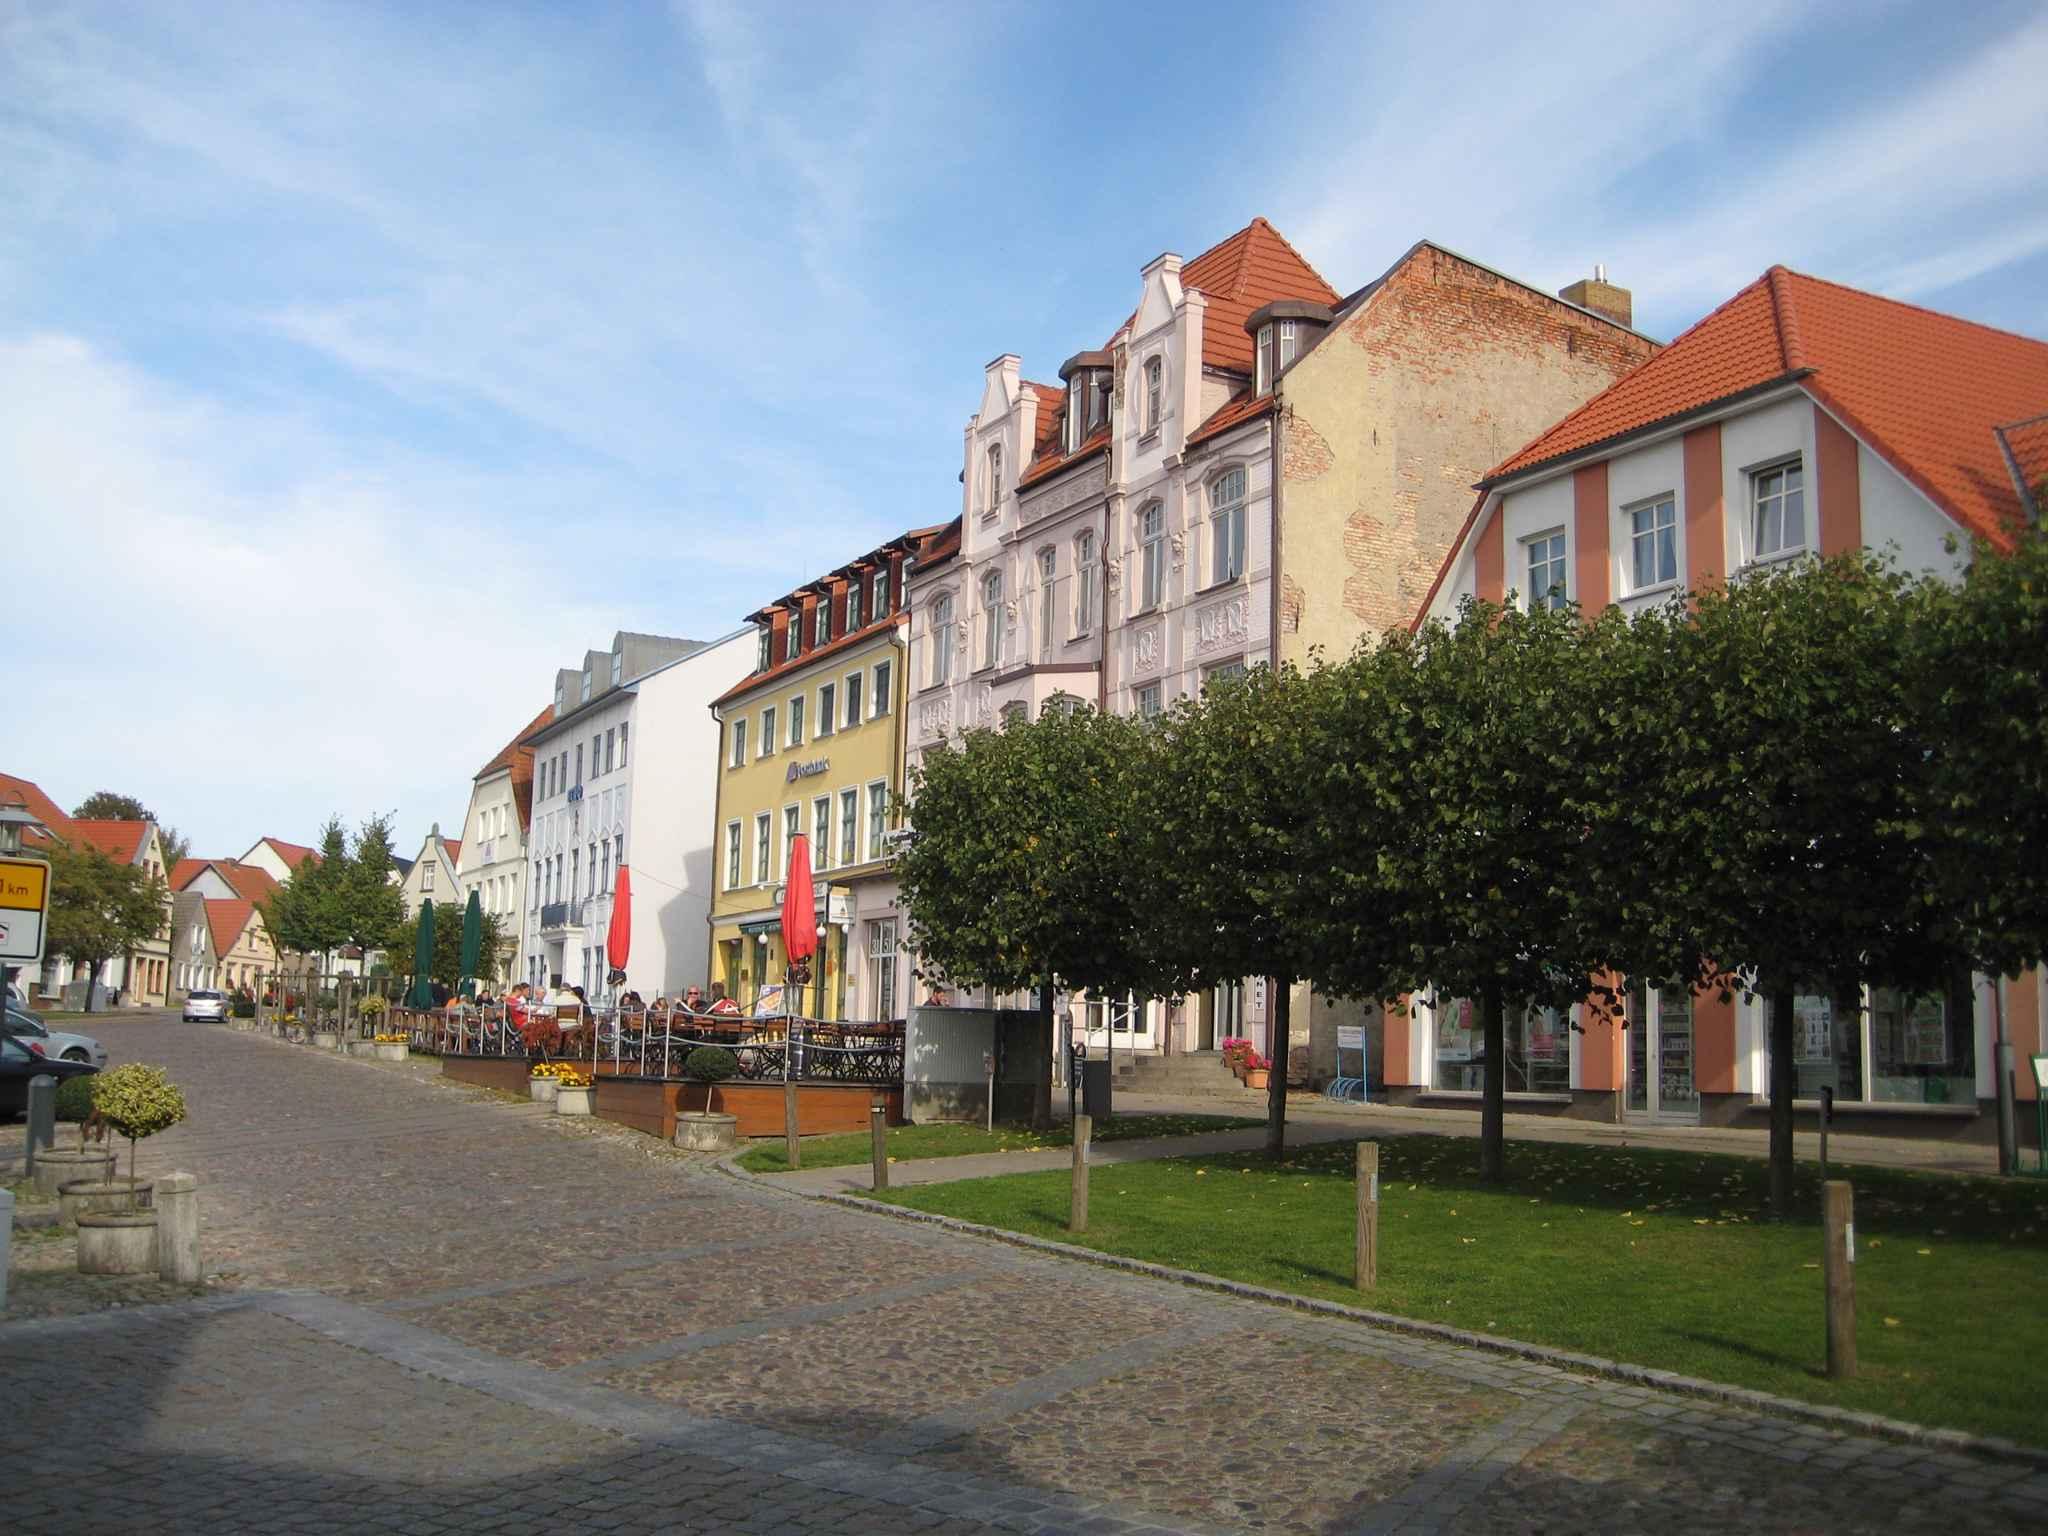 Ferienwohnung mit Terrasse und Garten (311984), Bergen (Rügen), Rügen, Mecklenburg-Vorpommern, Deutschland, Bild 9